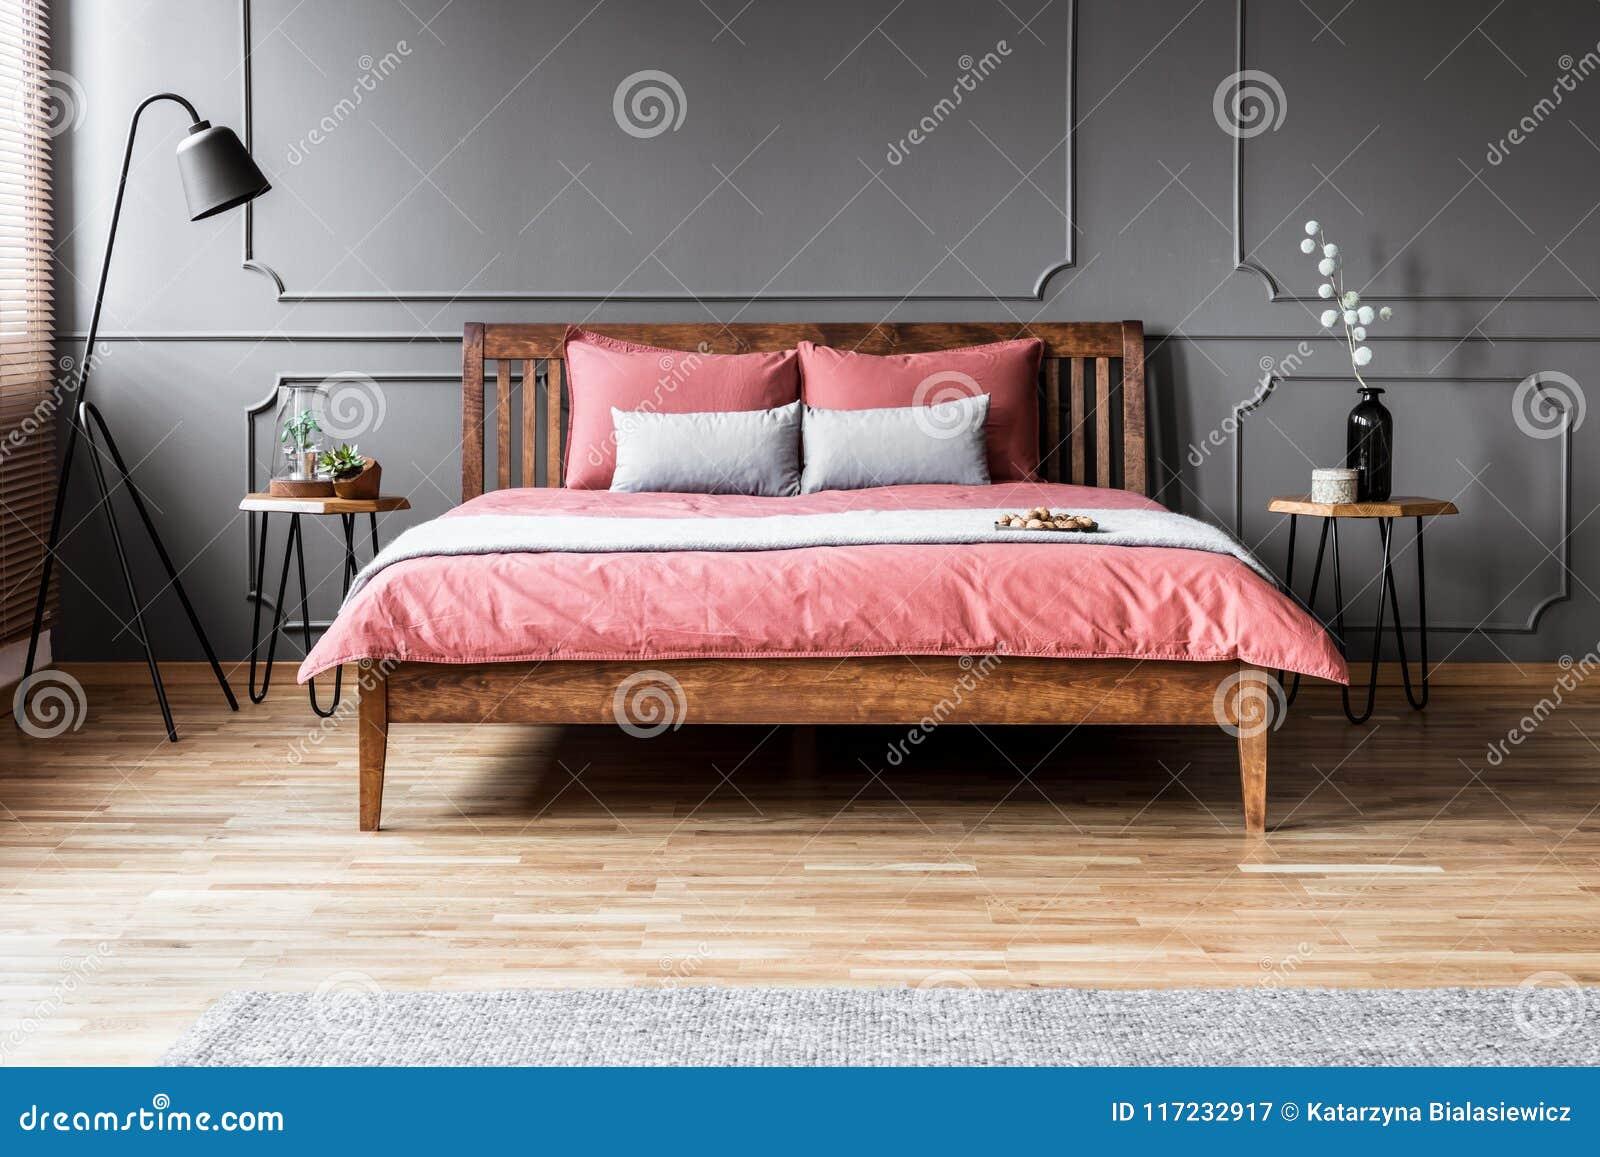 Chambre à Coucher Minimale Grise Et Rose Image stock - Image ...